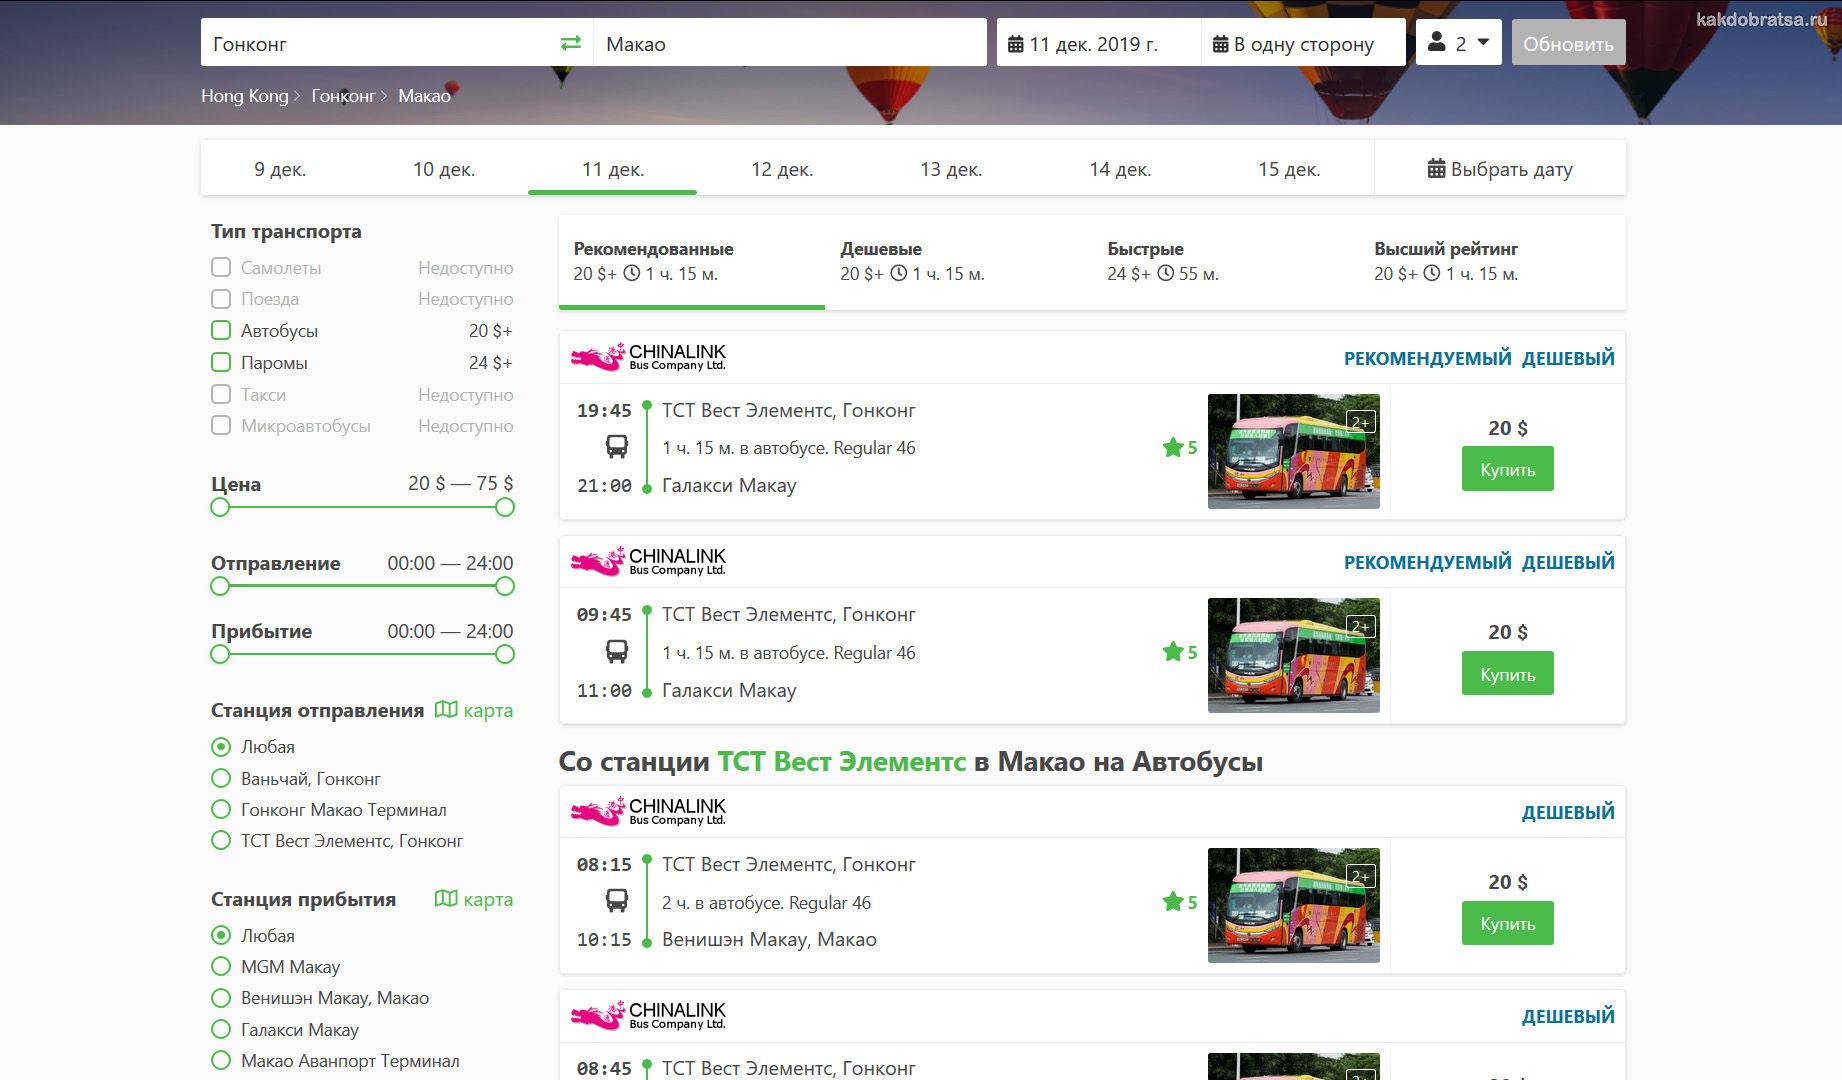 Из Гонконга в Макао цены и стоимость билетов